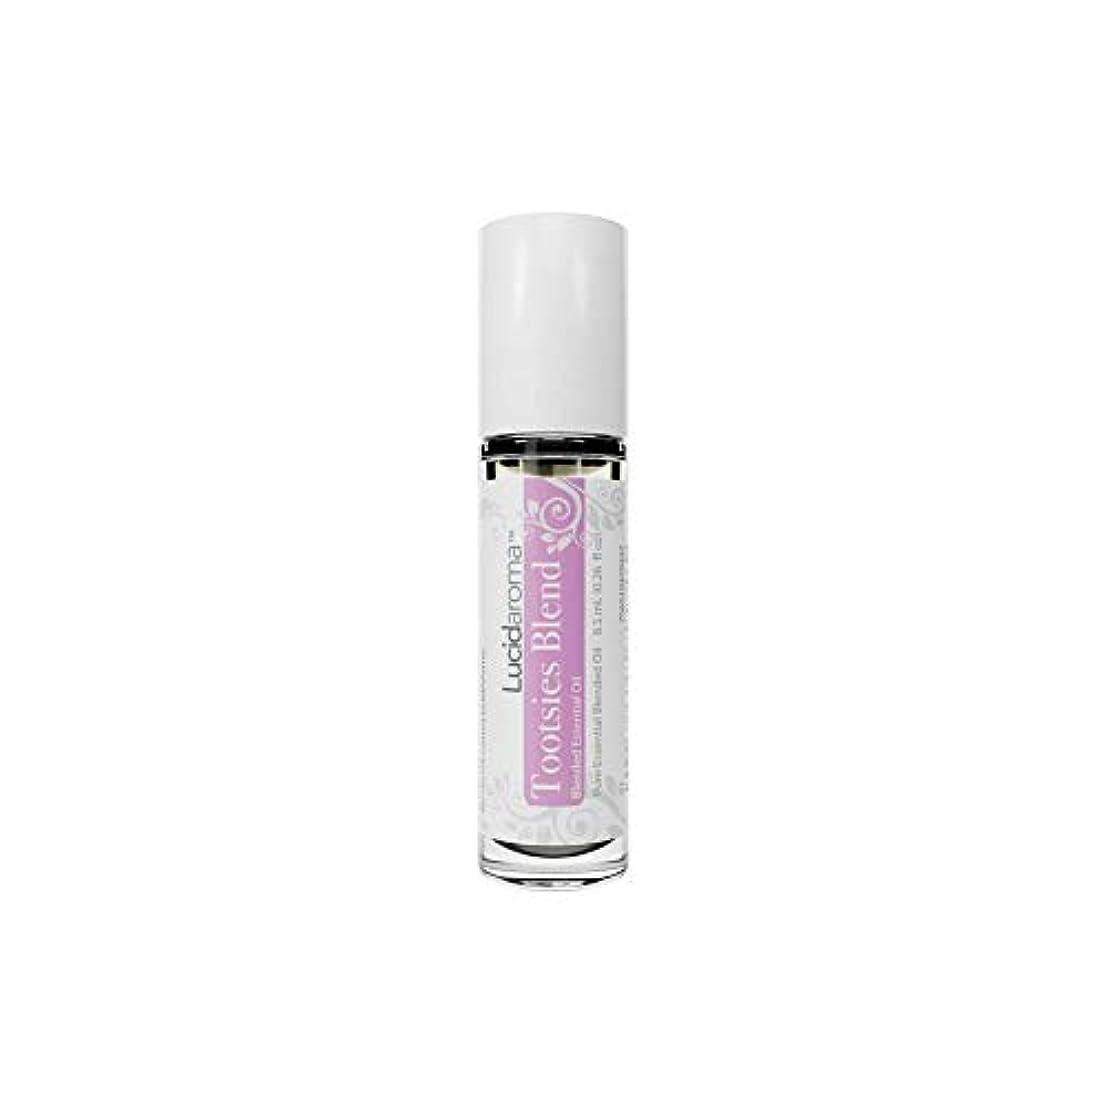 スマイルペットお風呂を持っているLucid Aroma Tootsies Blend トッツィーブレンド ロールオン アロマオイル 8.5mL (塗るアロマ) 100%天然 携帯便利 ピュア エッセンシャル アメリカ製